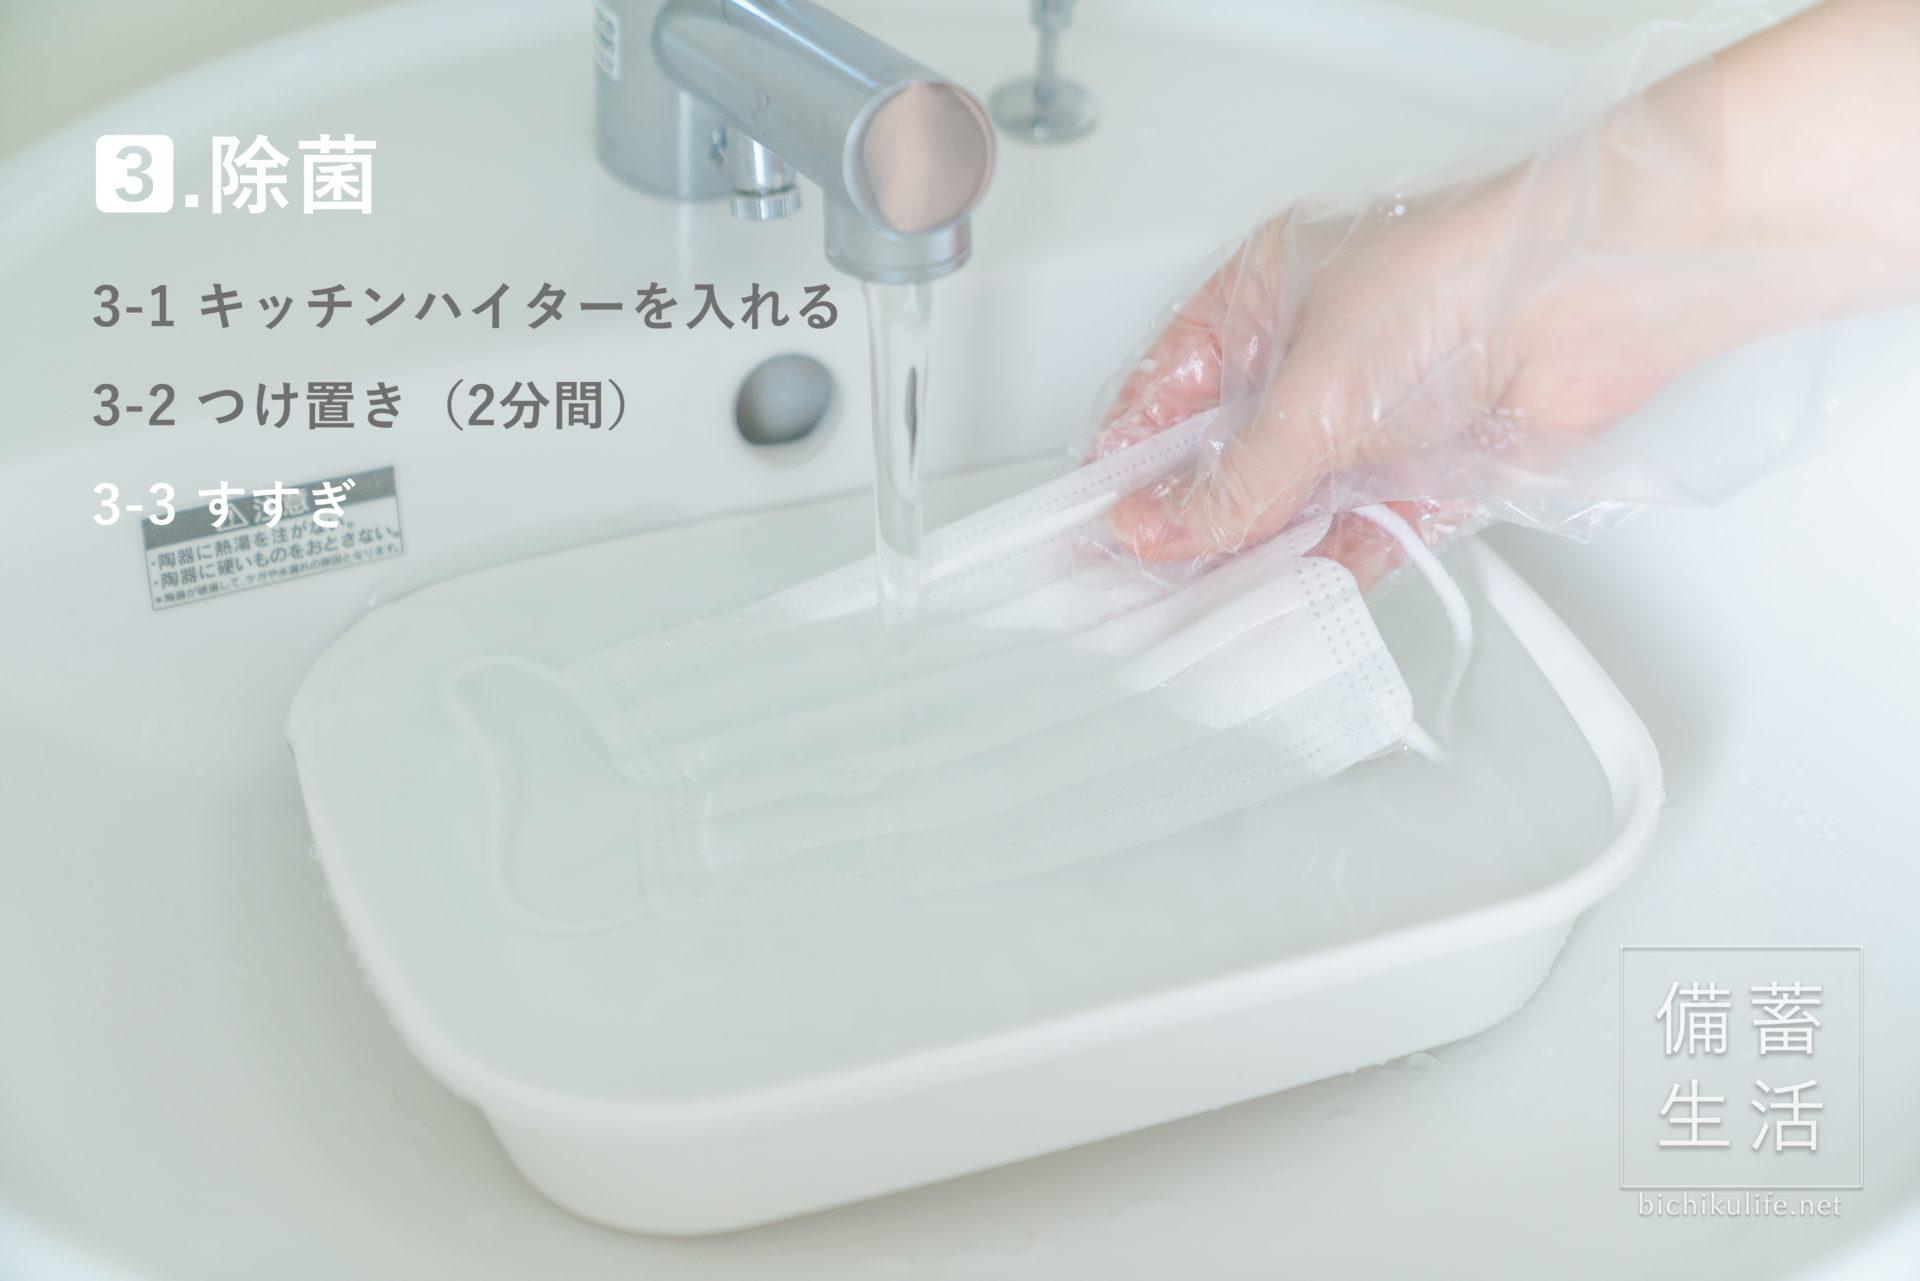 不織布マスクの洗濯方法 3.除菌 3-3 すすぎ